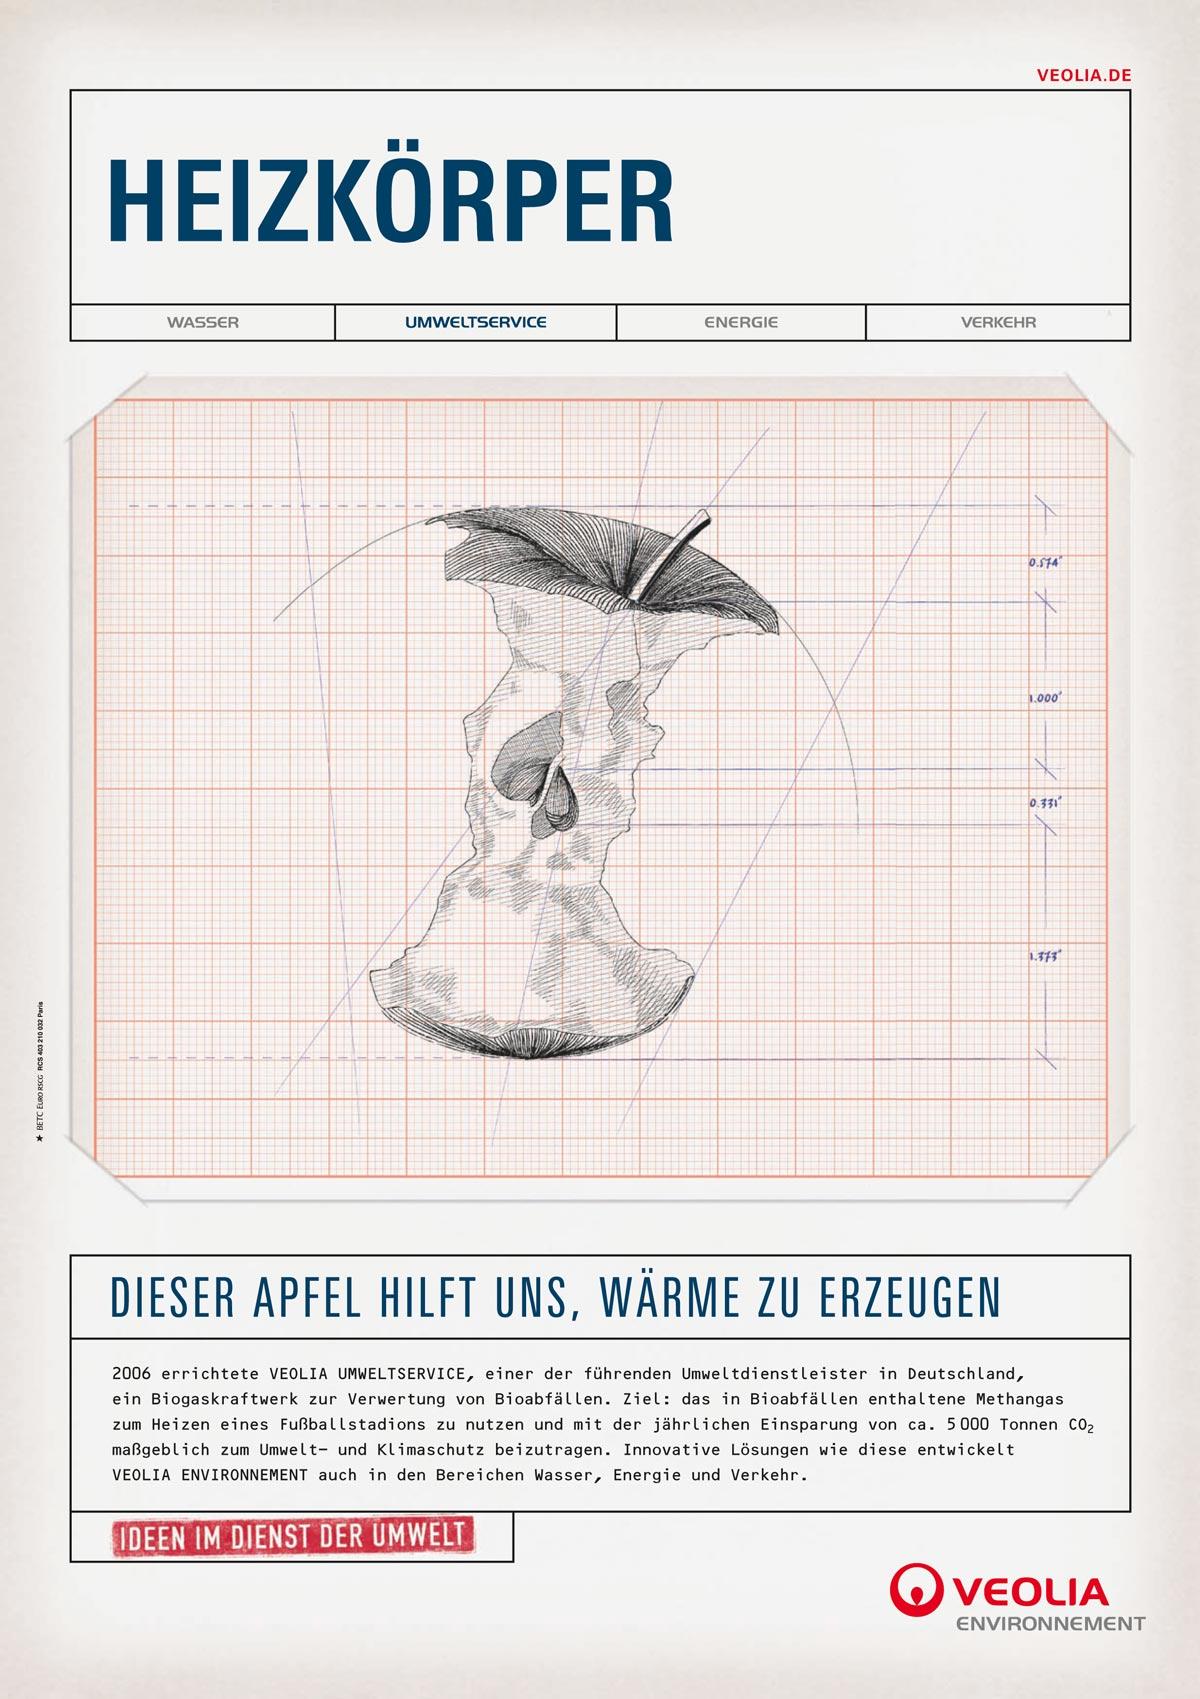 veolia propreté, campagne publicitaire betc ich&kar - radiateur, pour veolia cette pomme peut aider a créer de la chaleur